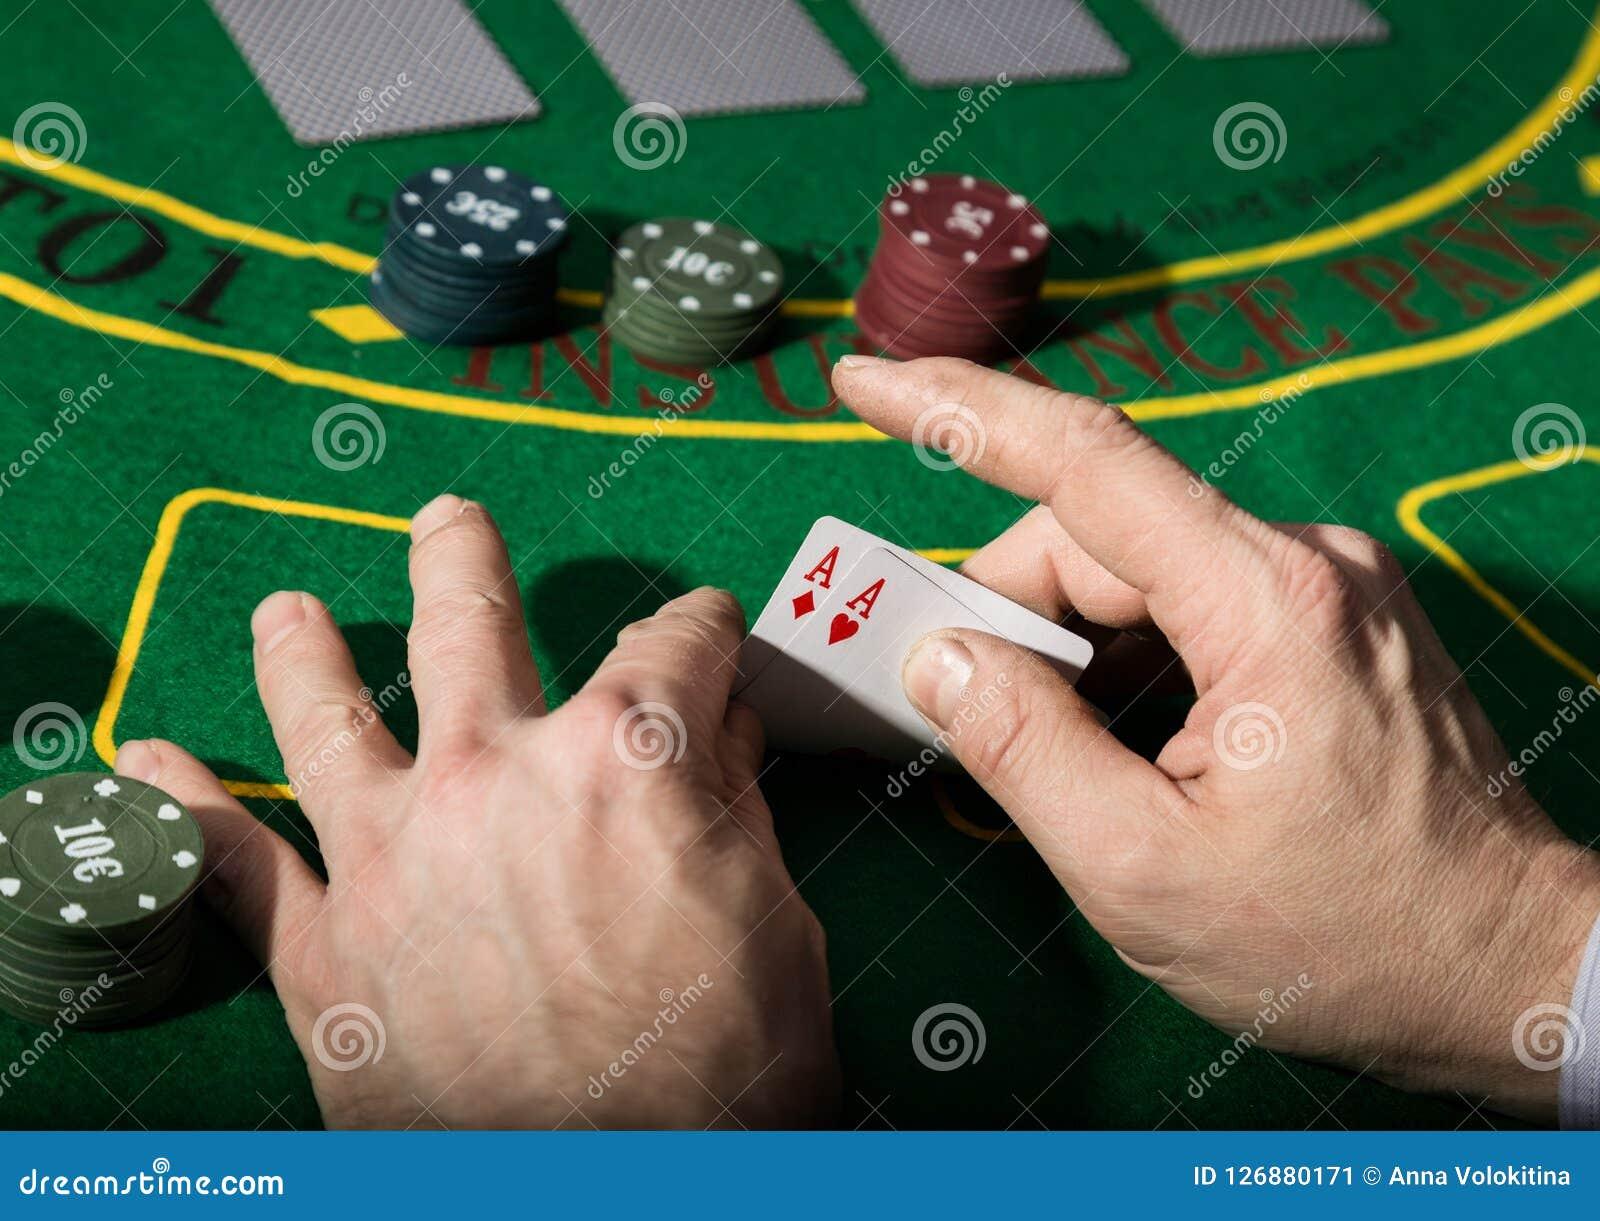 Combinación que gana en juego de póker Tarjetas y microprocesadores en un paño verde